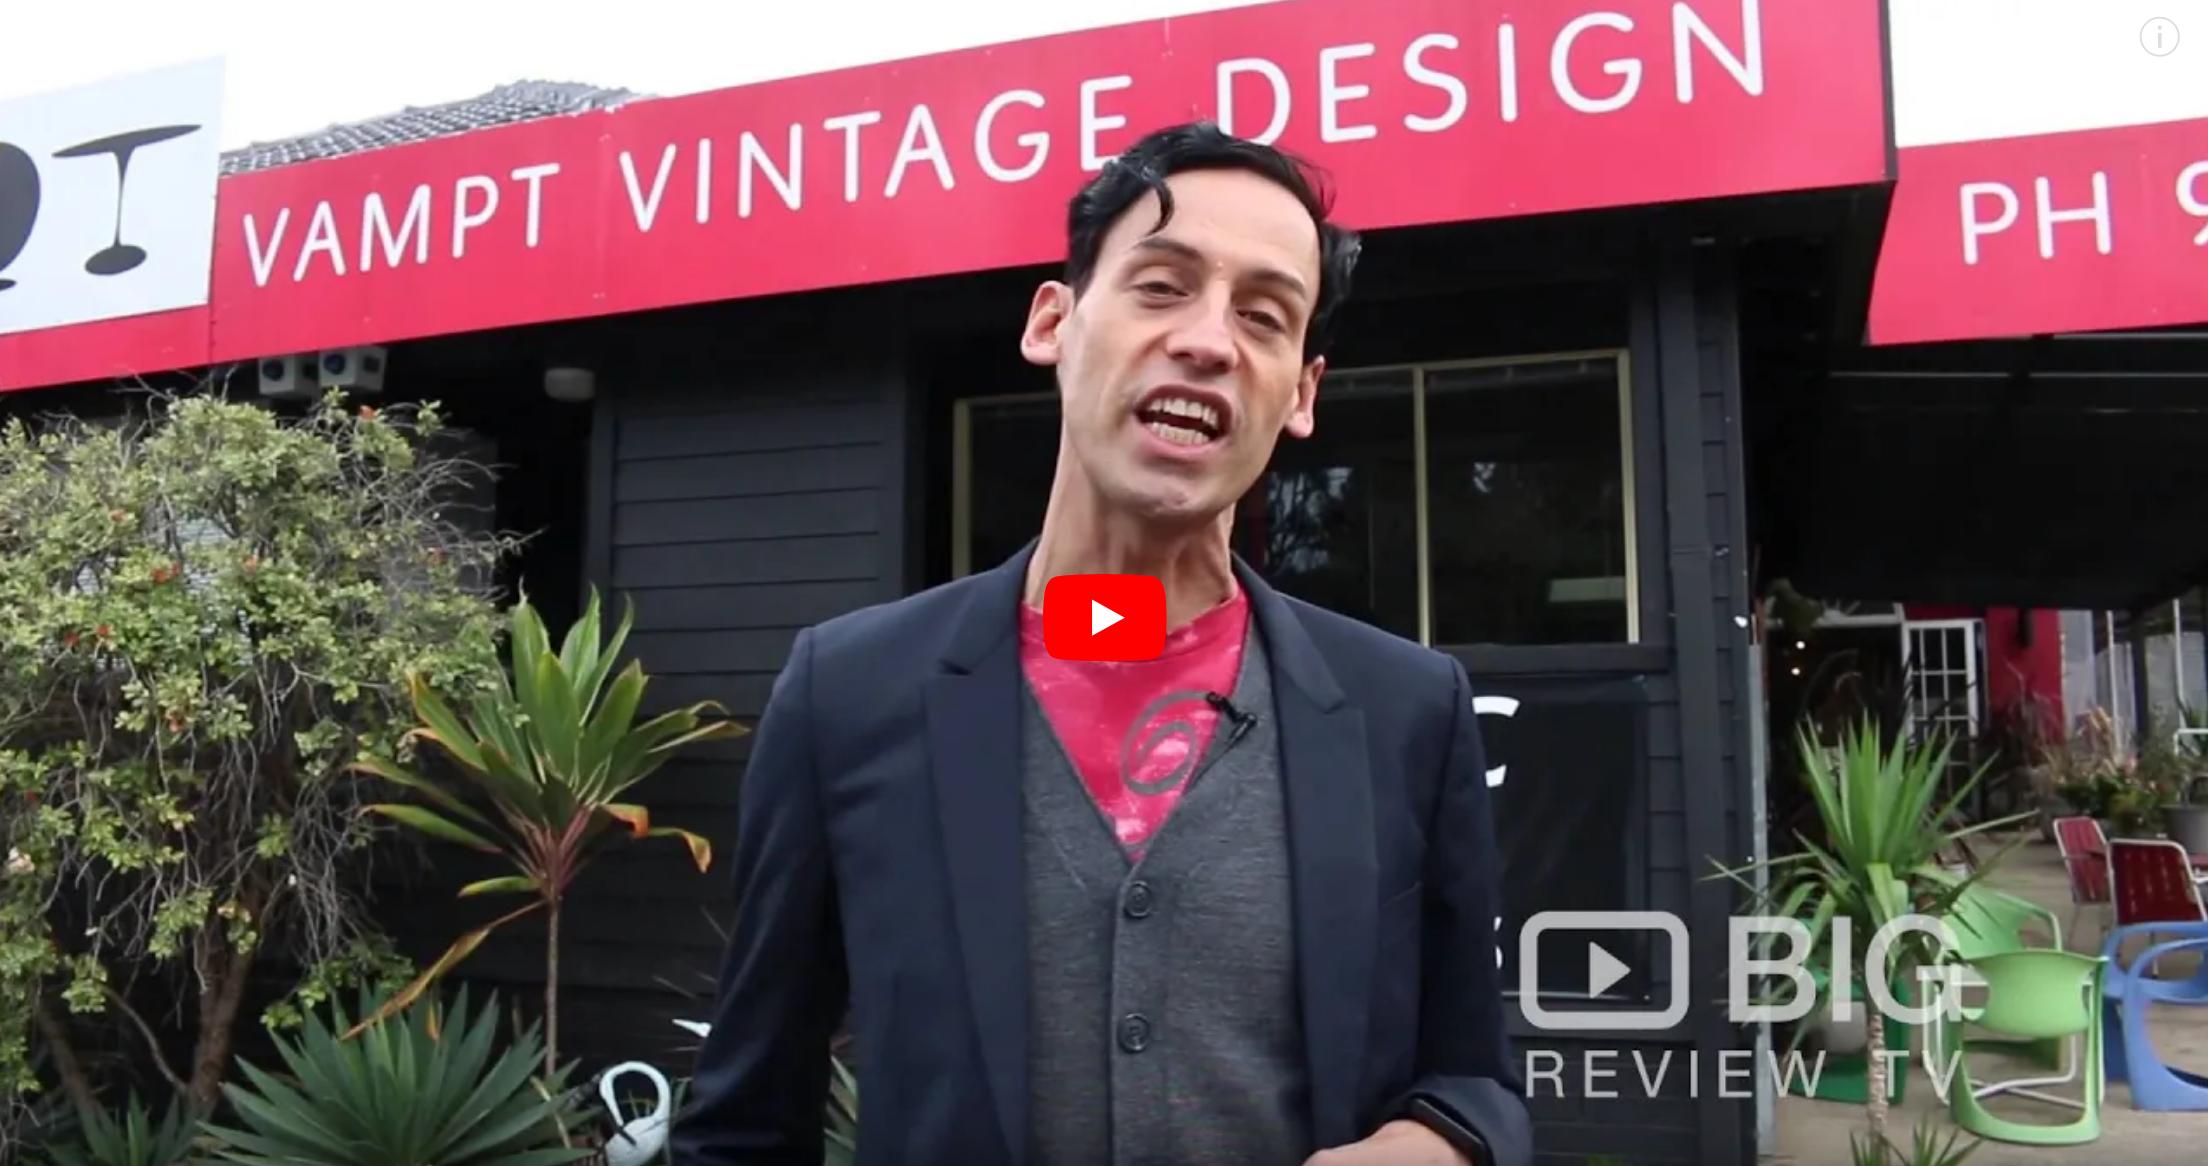 Vampt Vintage Design a Vintage Shop in Sydney offering vintage Furniture